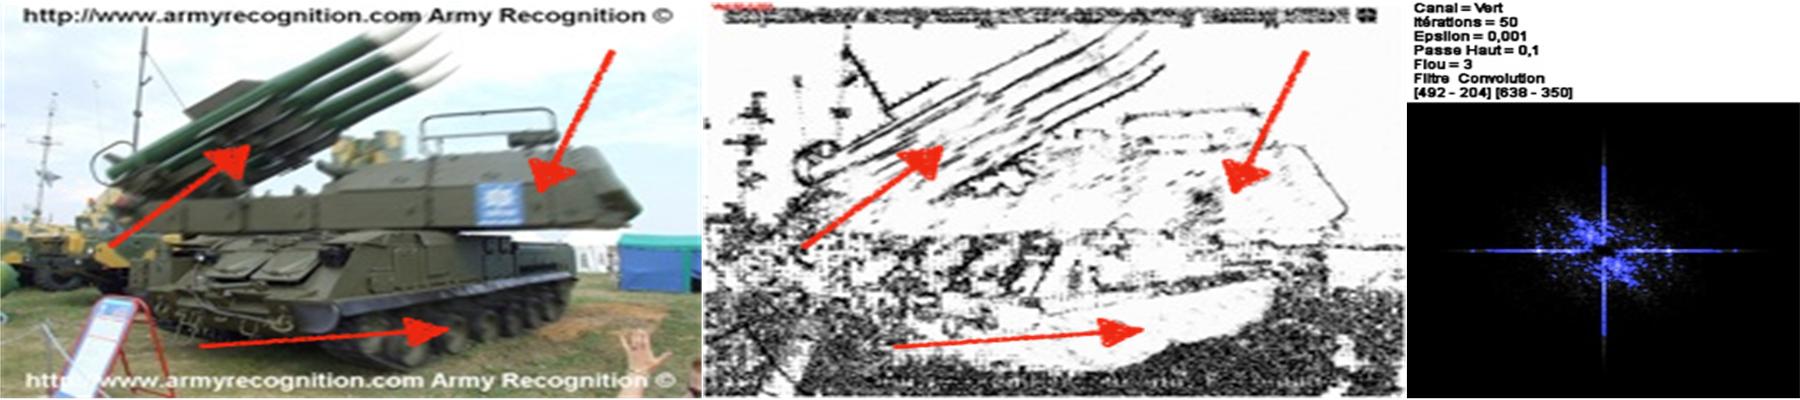 image_manipulation_example_6